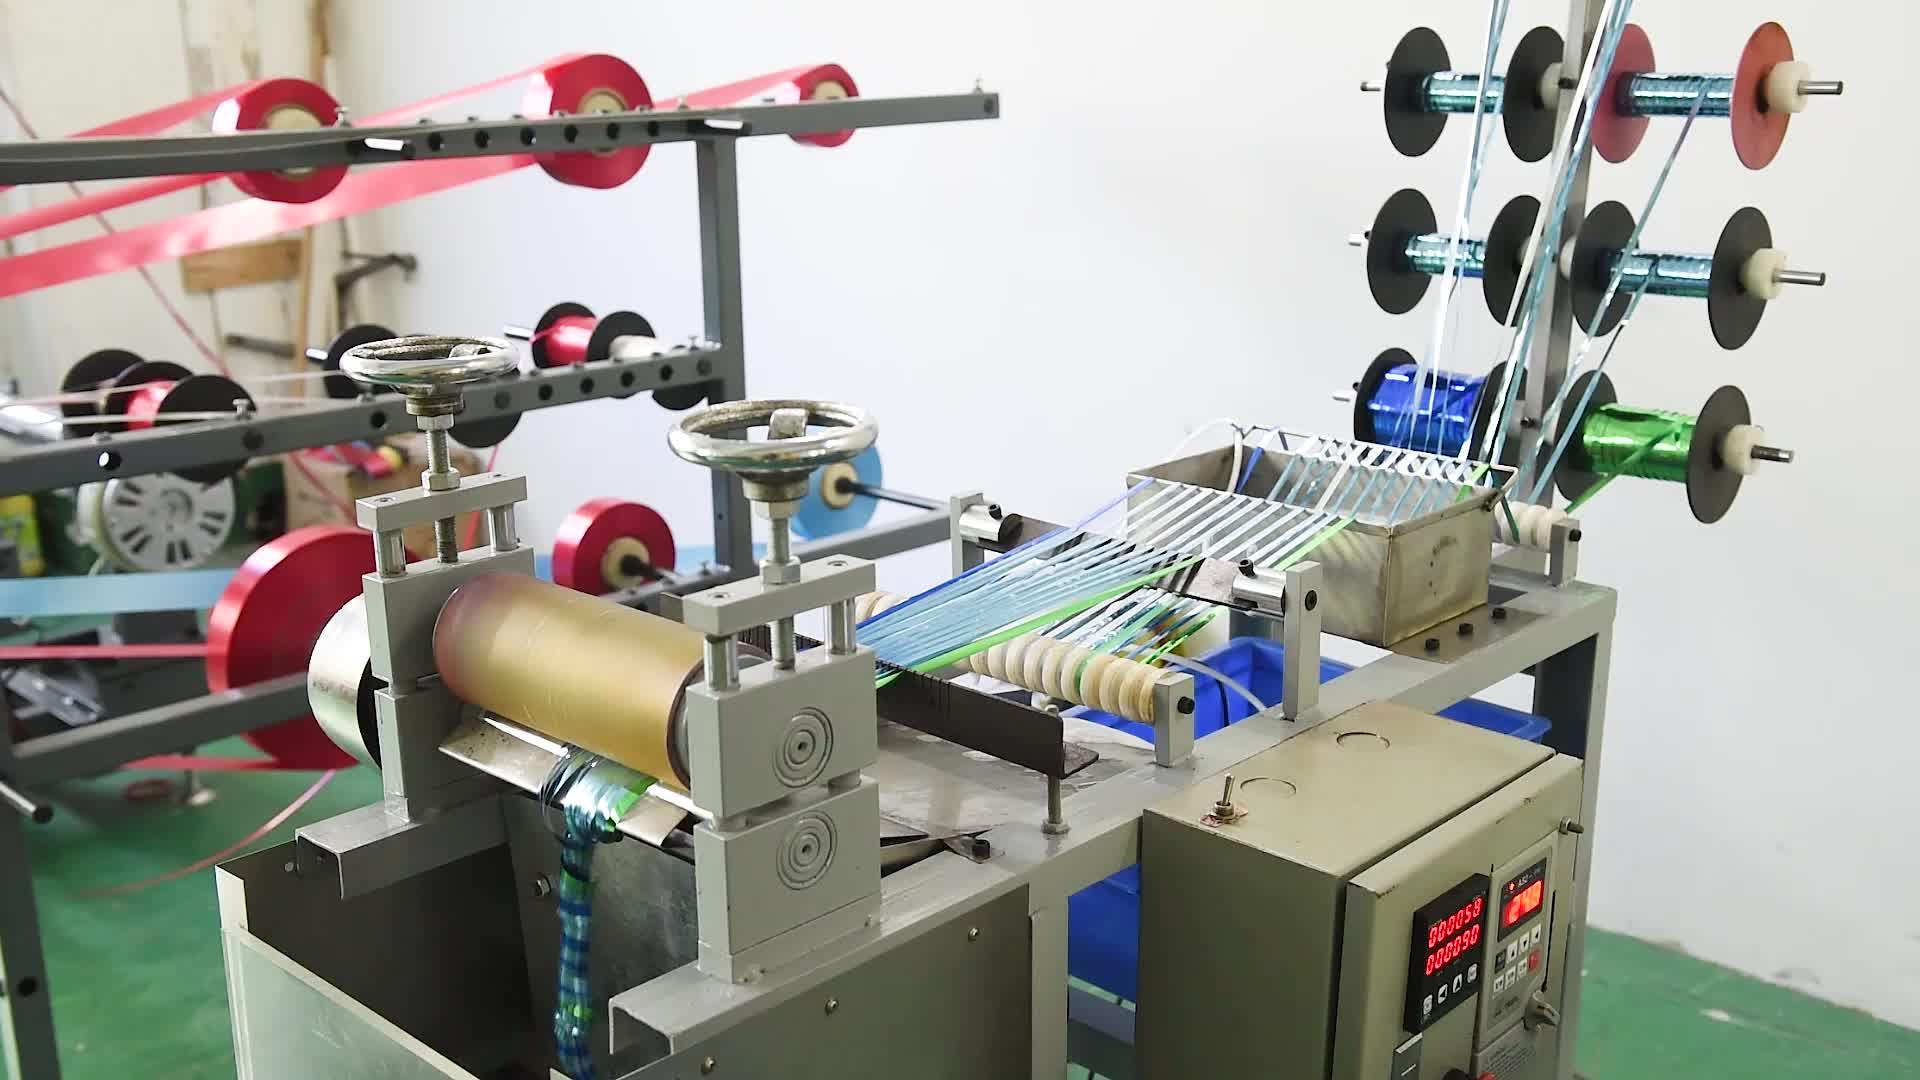 電子ギフトラップアクセサリーカーリーリボン弓製造機